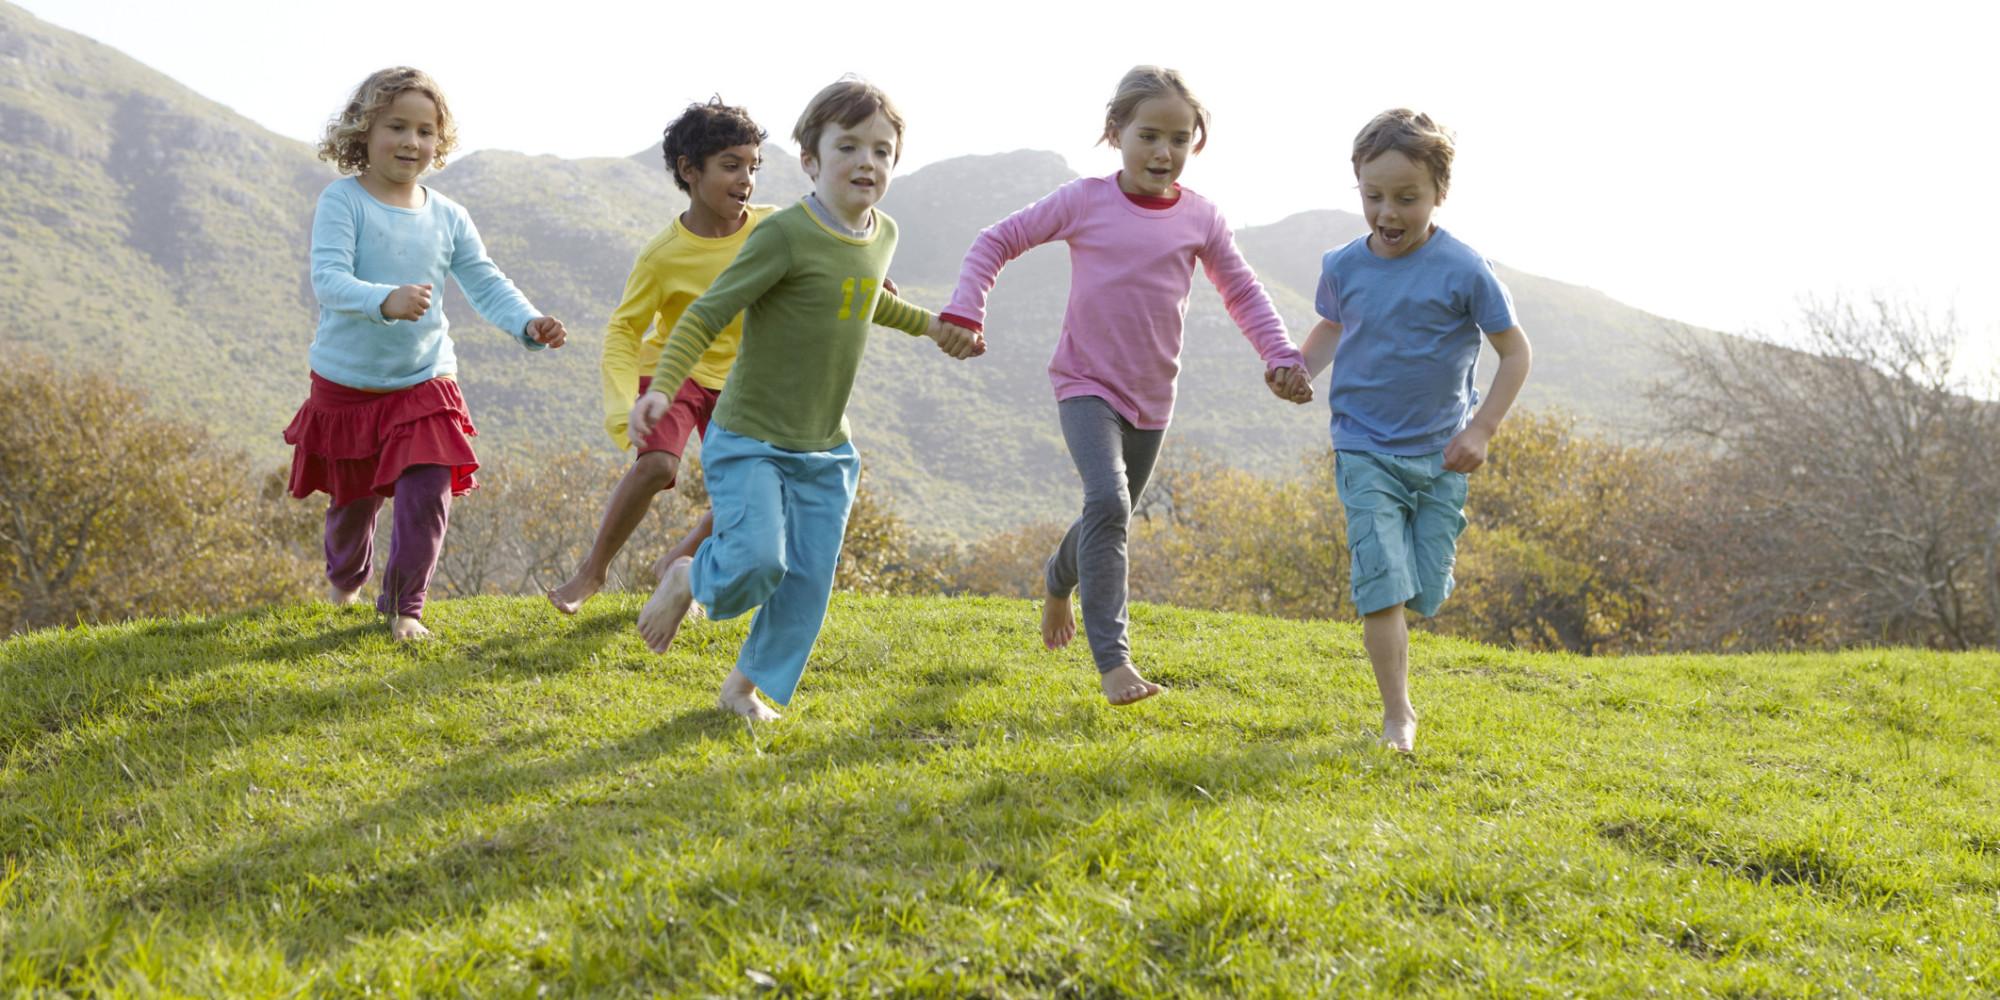 Tưng cường hoạt động giúp giảm nguy cơ béo phì ở thanh thiếu niên